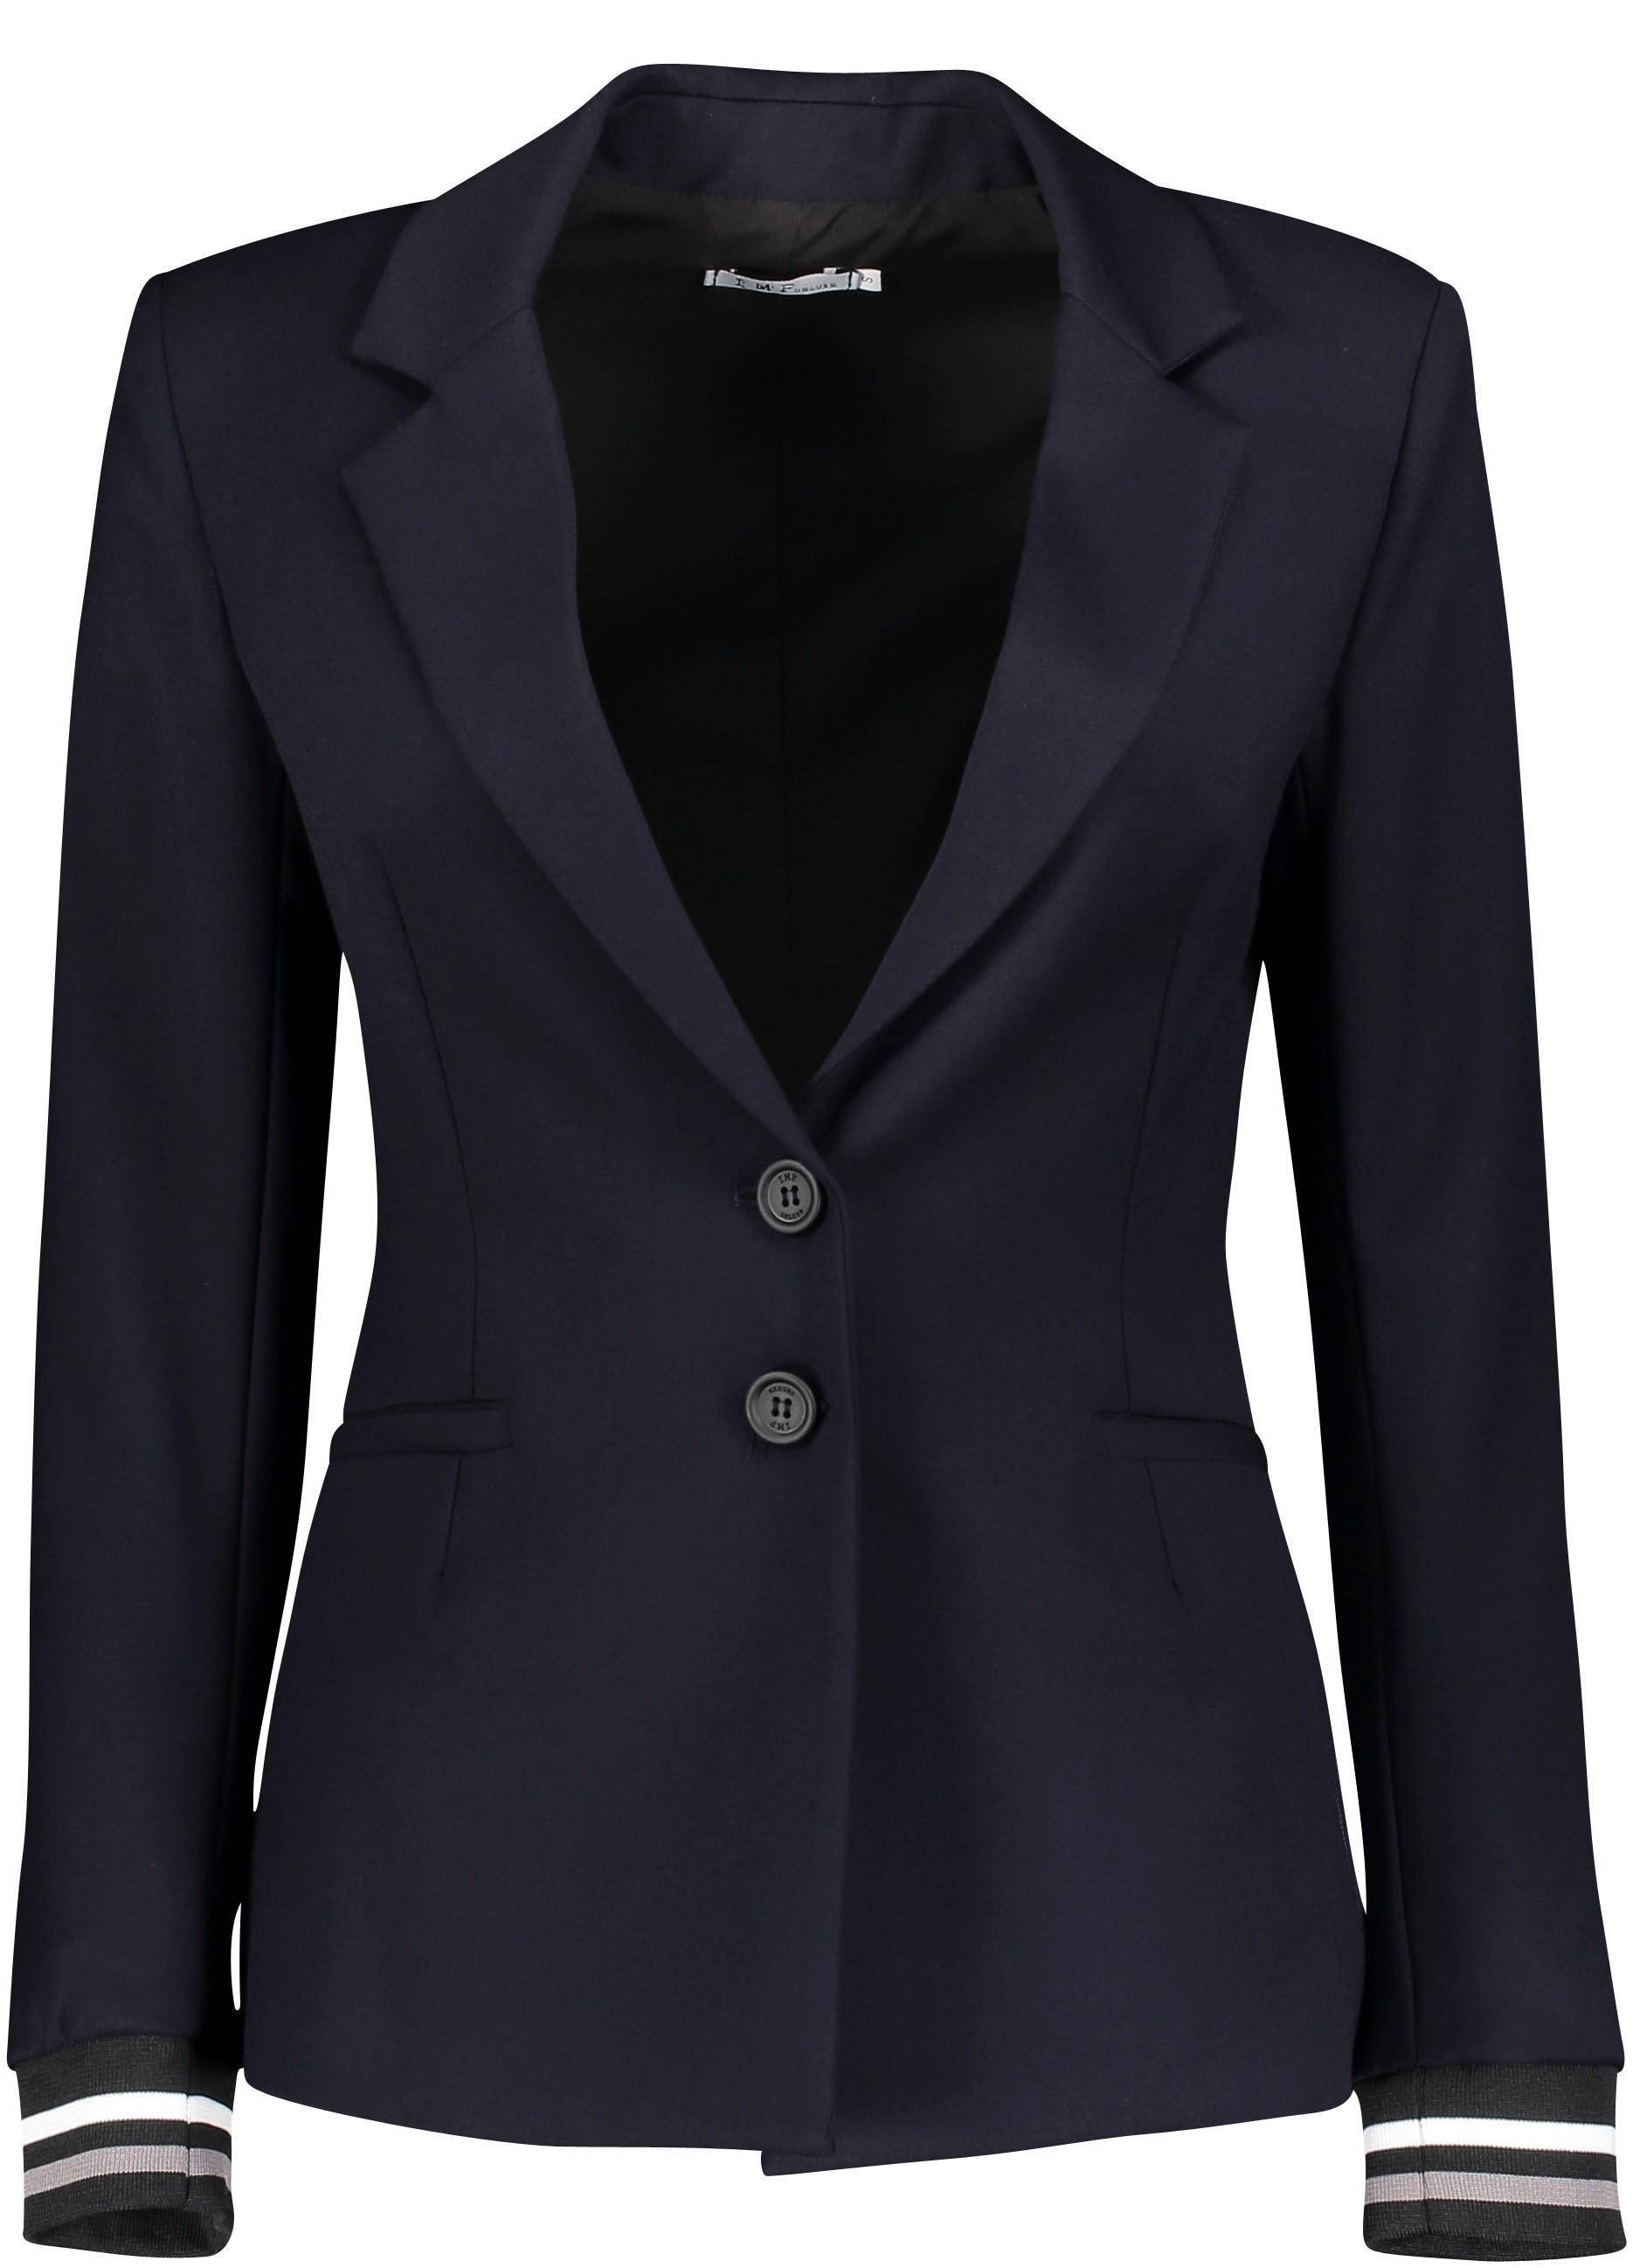 Imp By Imperial korte blazer »IMP-8JH« nu online kopen bij OTTO